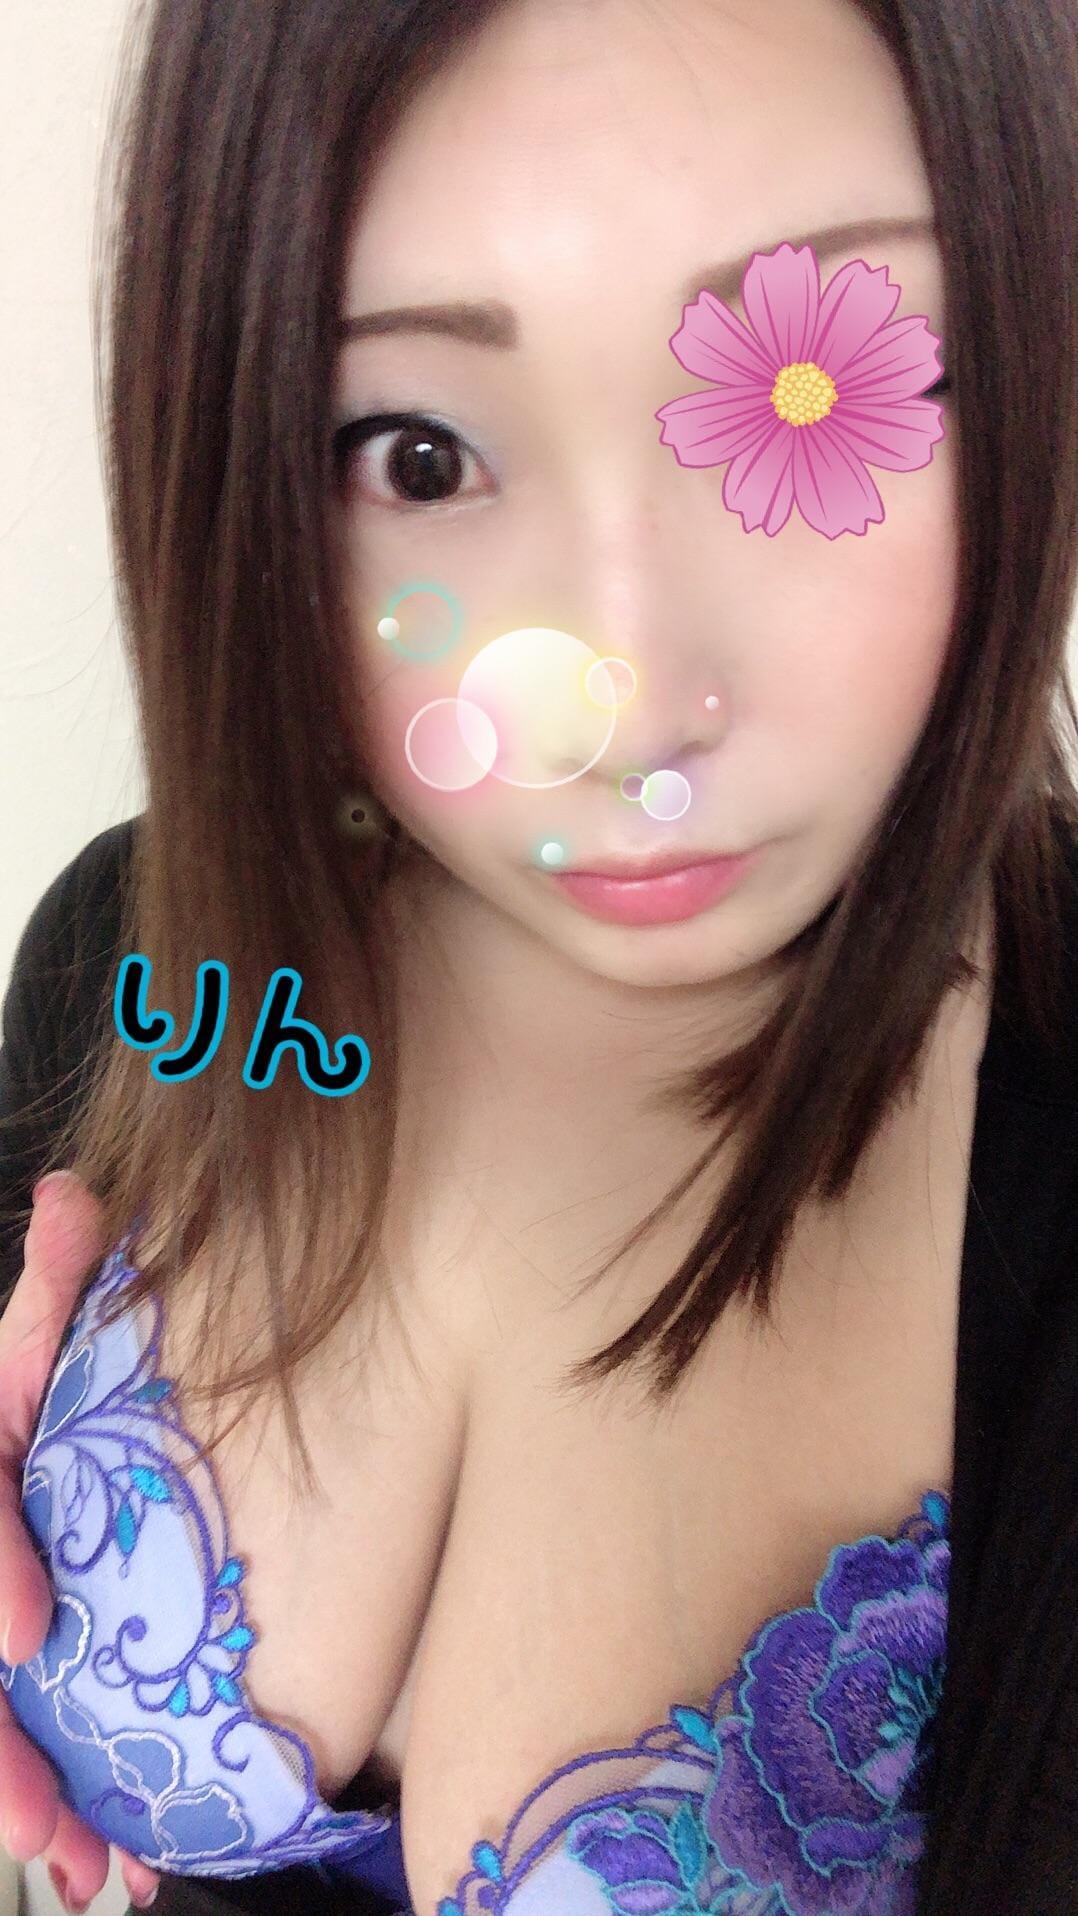 「10時〜出勤します☆」02/13(水) 09:11 | りんの写メ・風俗動画